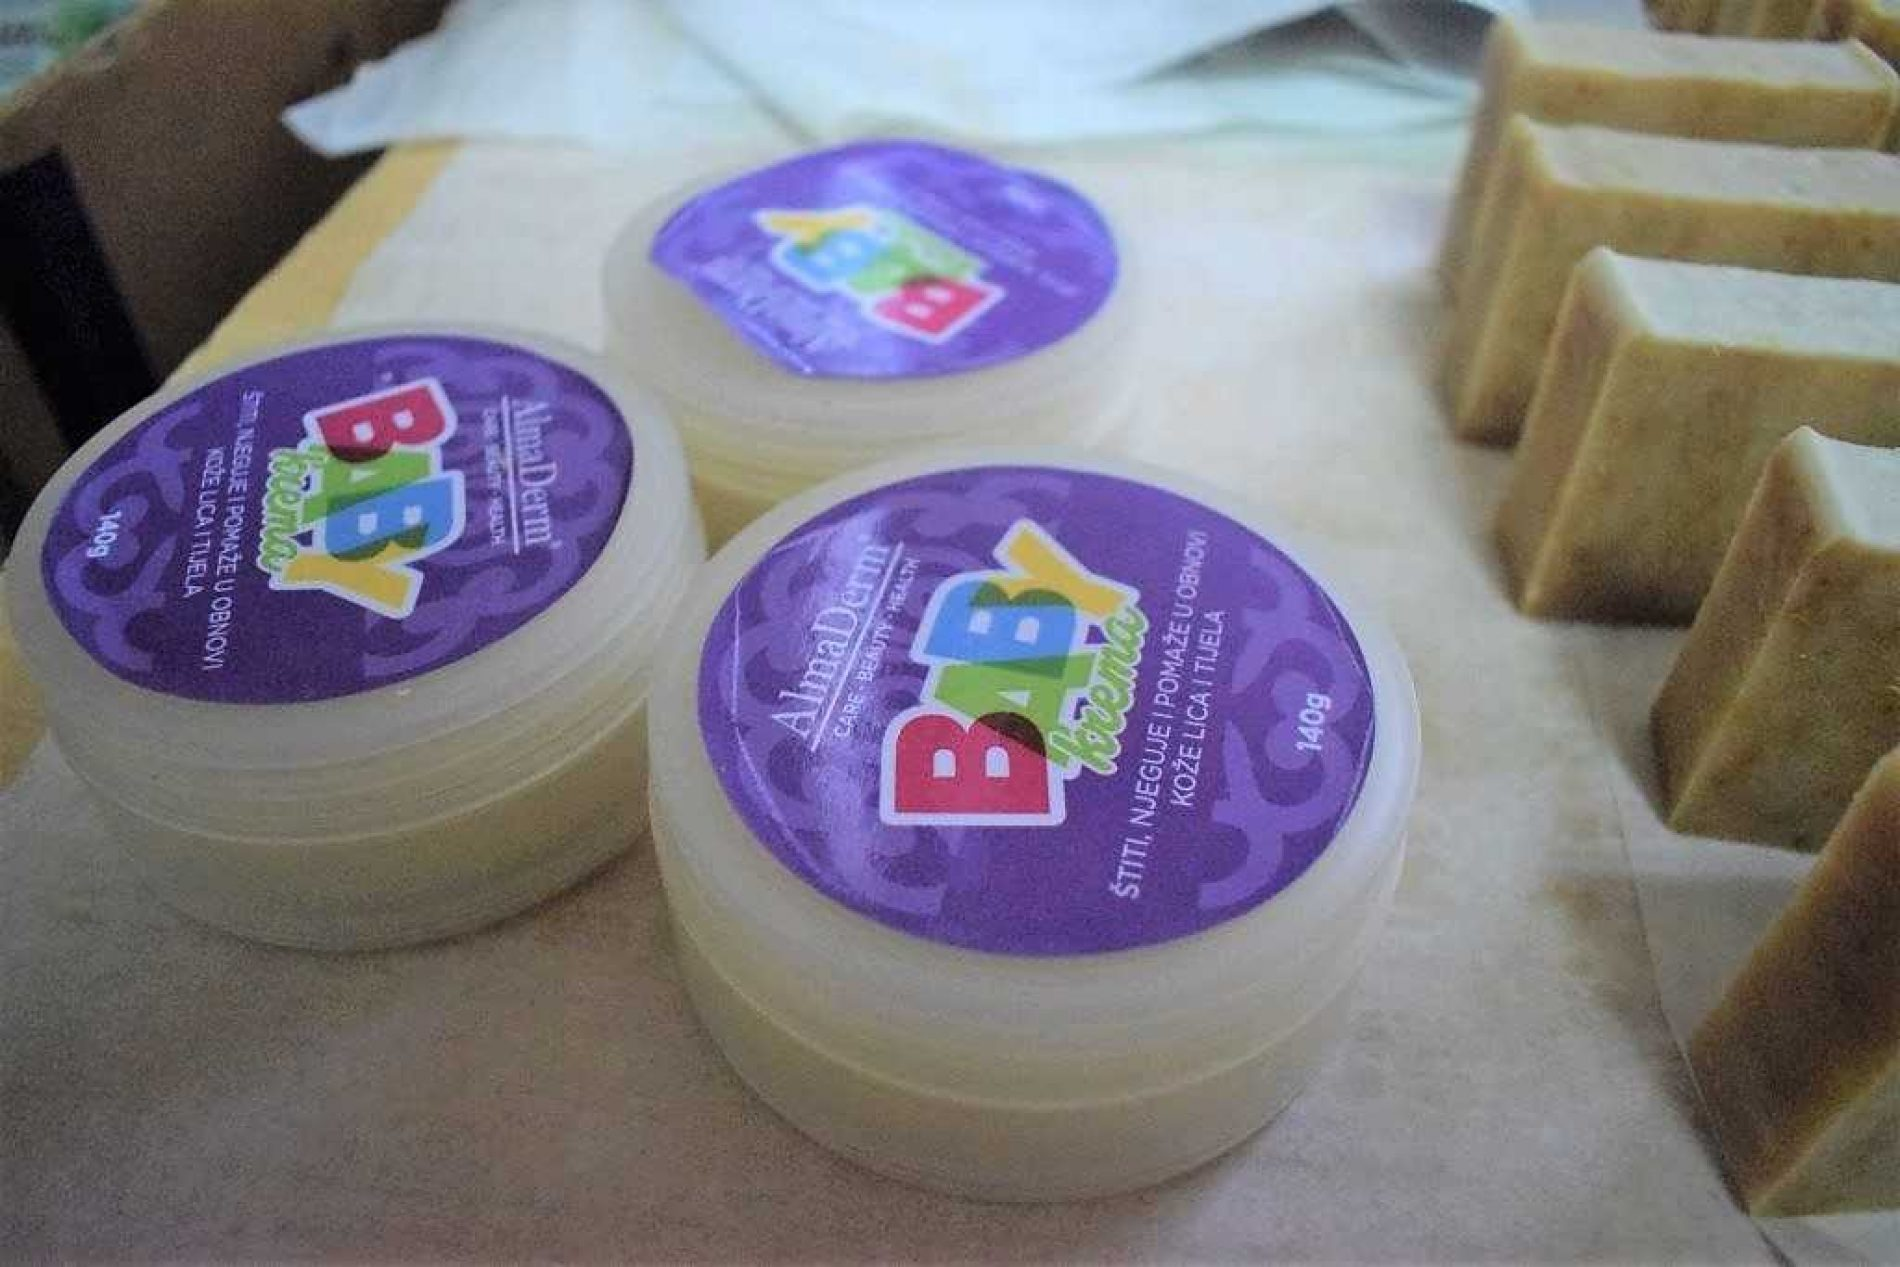 AlmaDerm: Kozmetika iz Kladnja spremna za Dubai